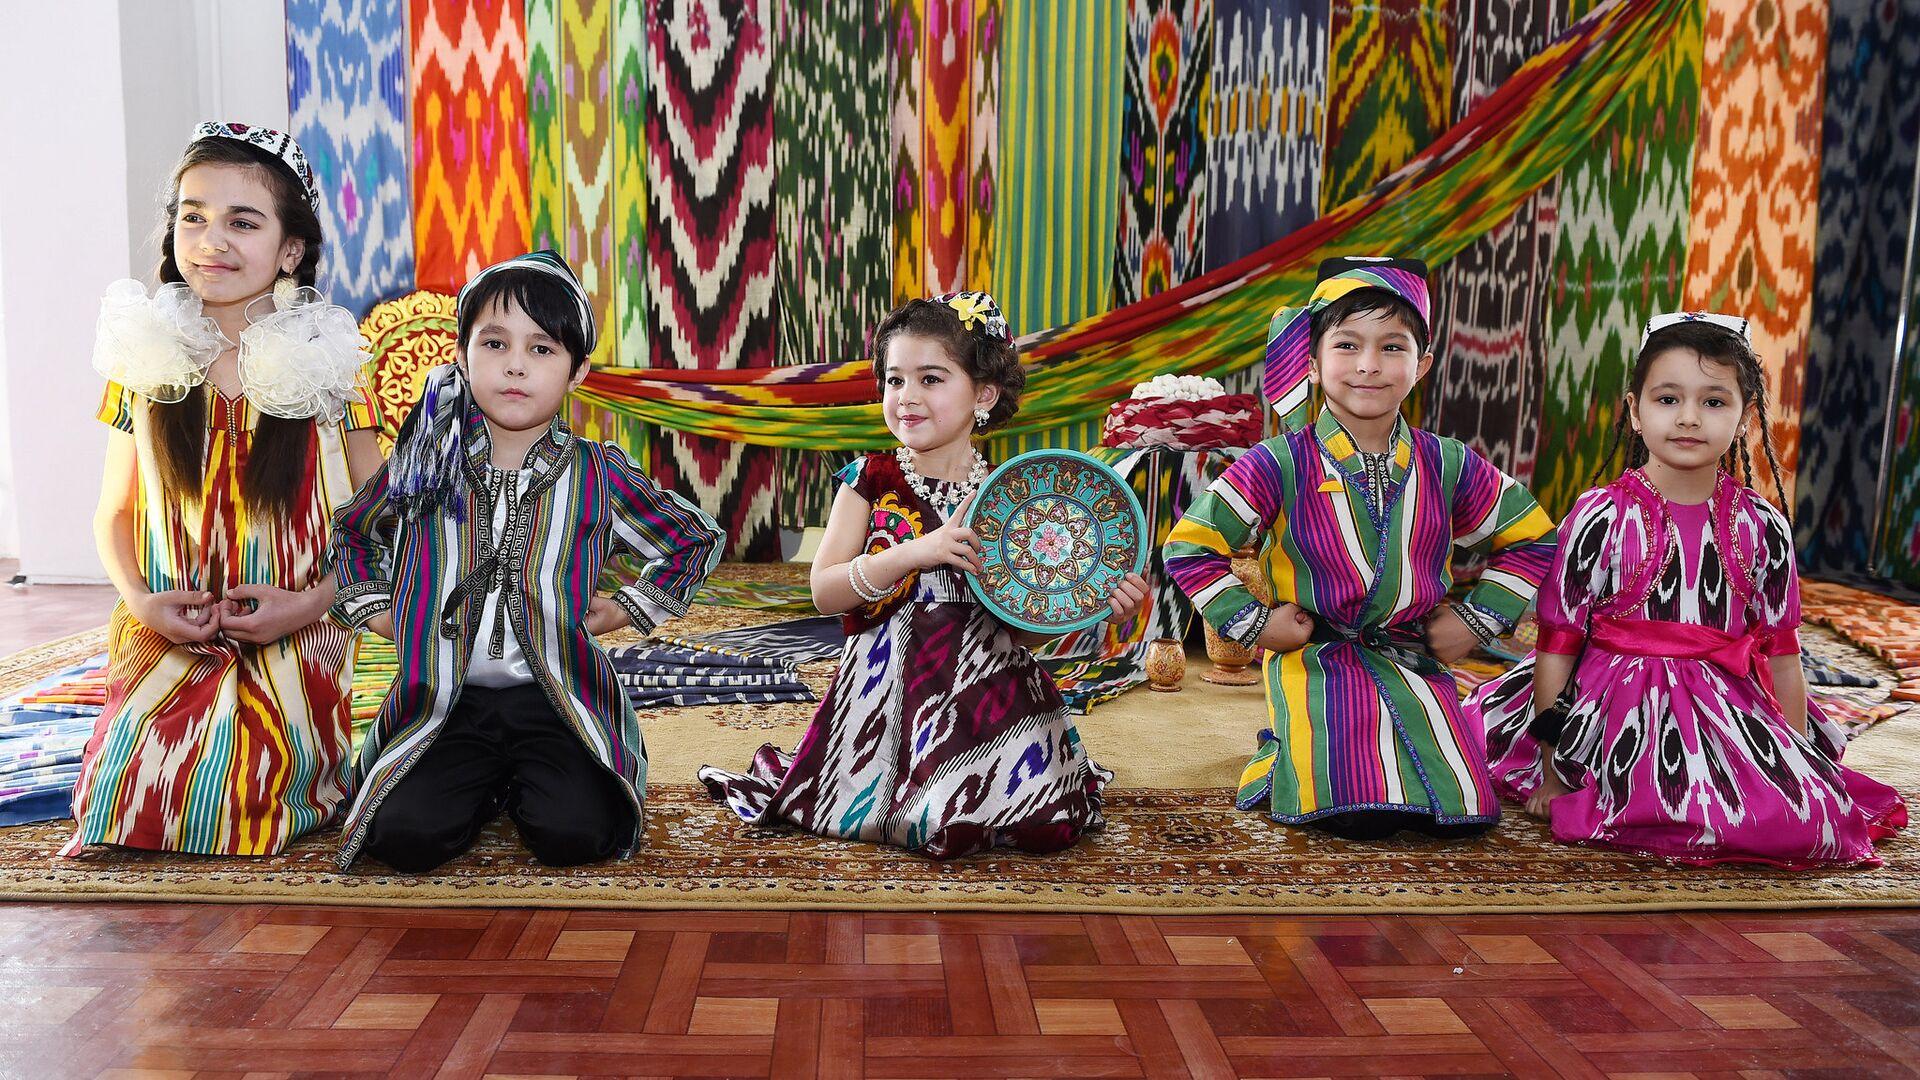 Таджикские дети в одежде из атласа - Sputnik Тоҷикистон, 1920, 12.10.2021